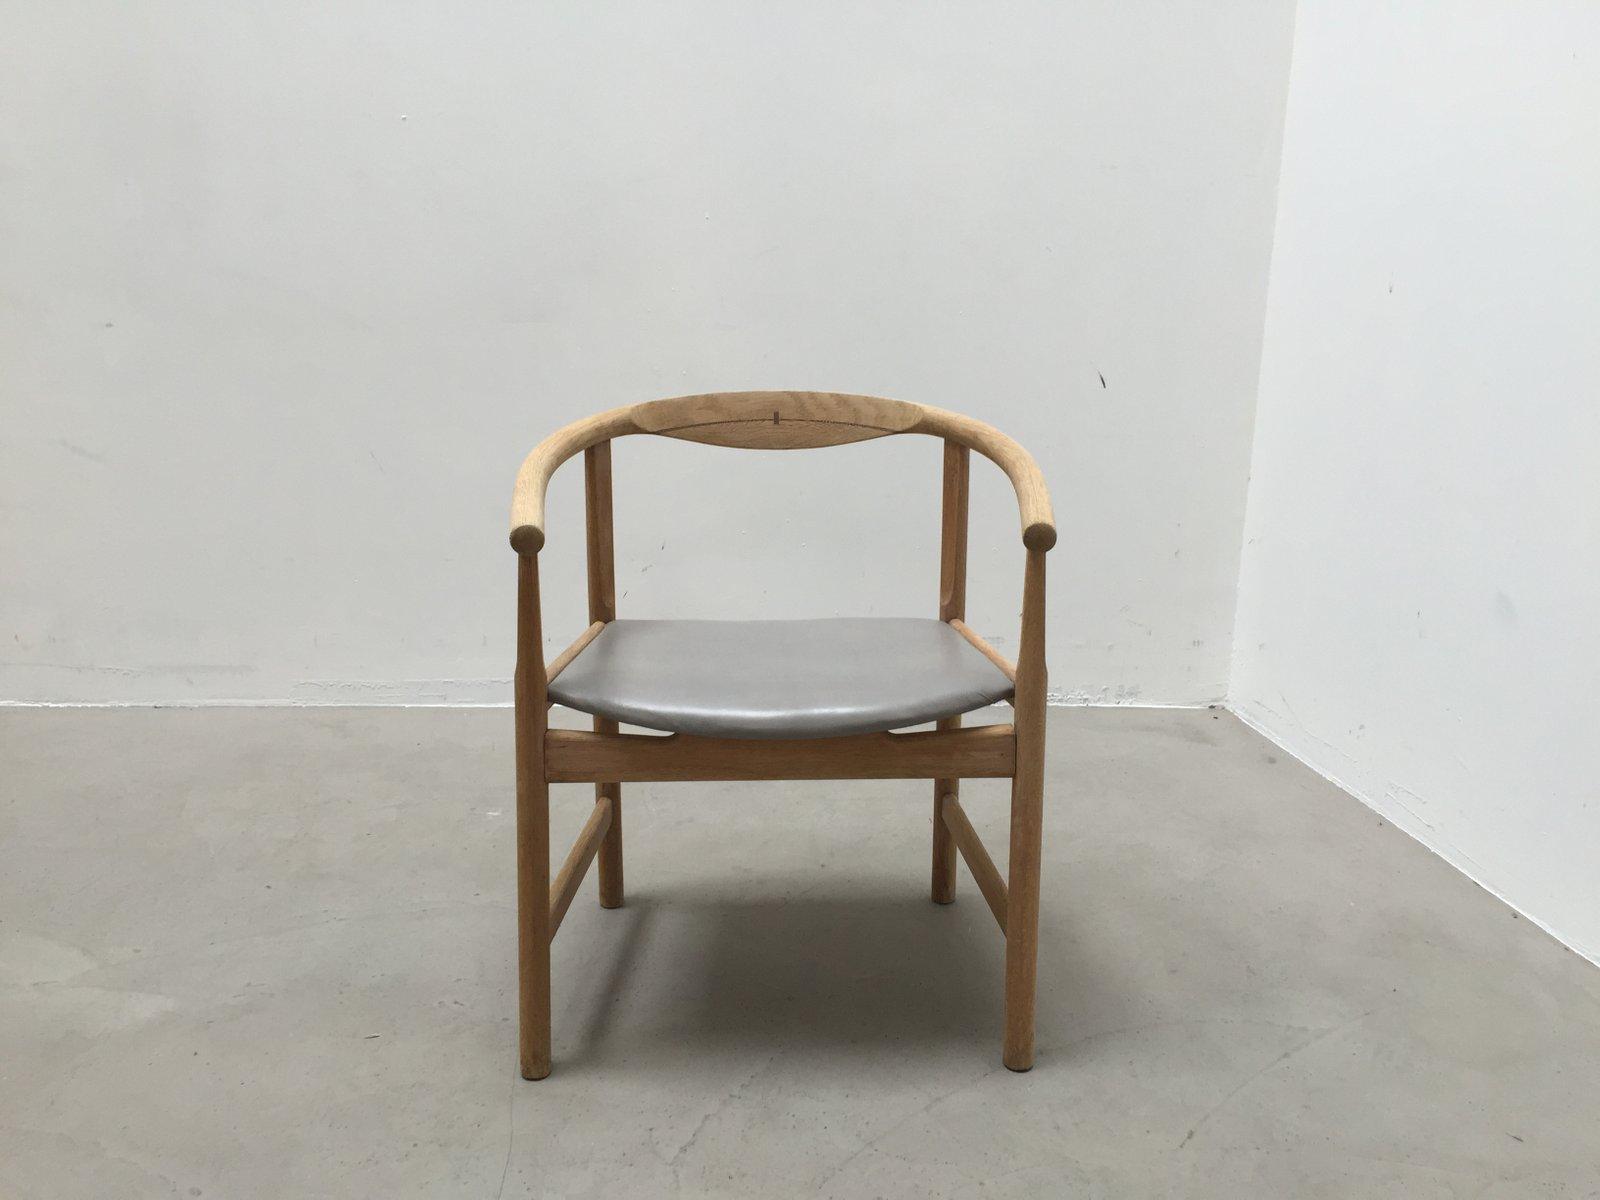 fauteuil vintage par hans j wegner pour johannes hansen. Black Bedroom Furniture Sets. Home Design Ideas